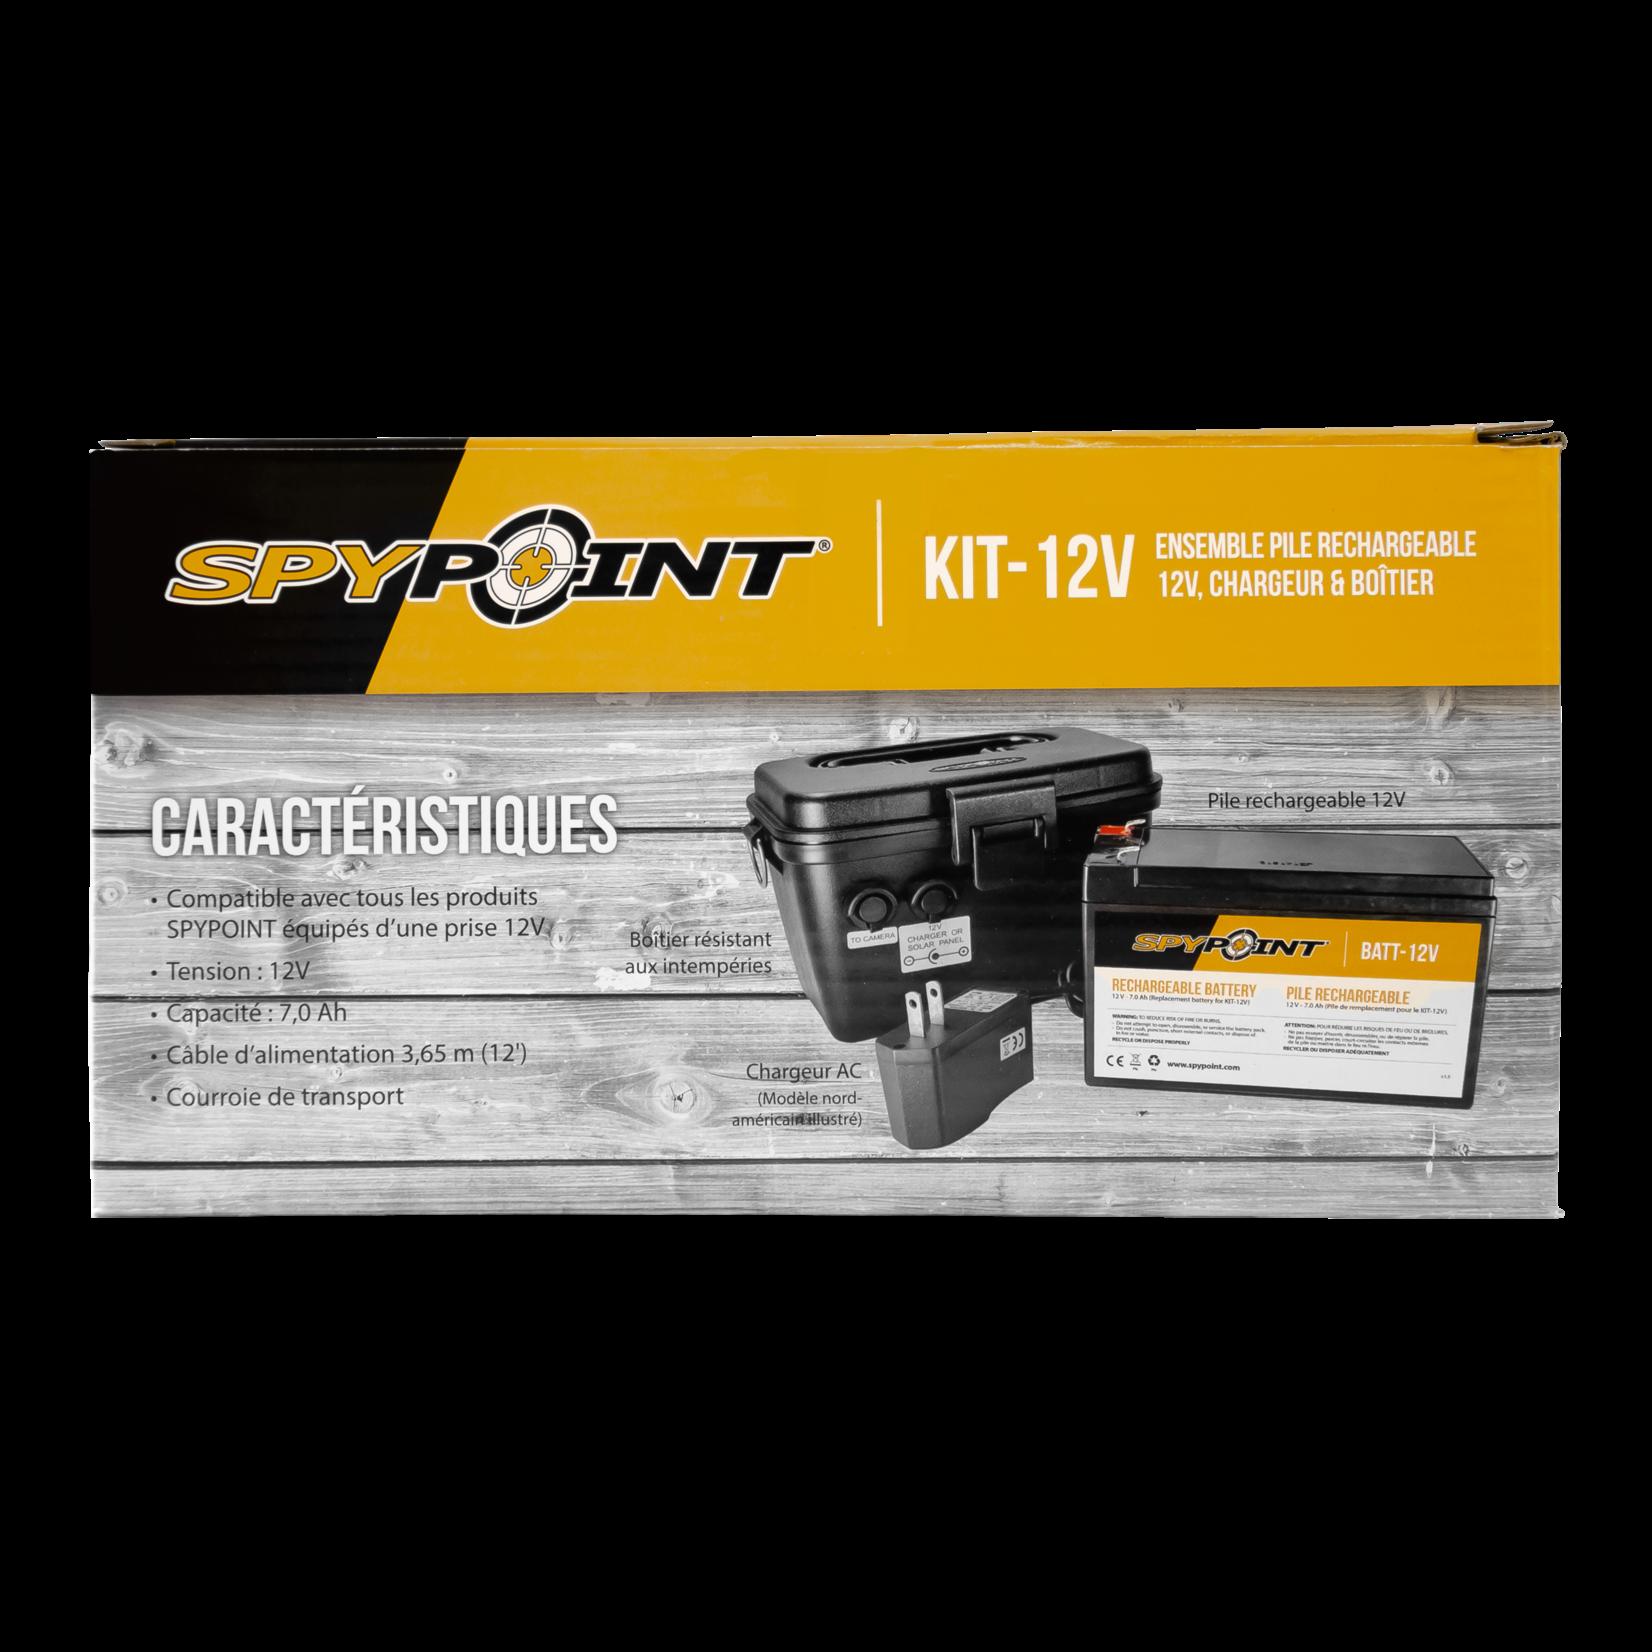 Spypoint Kit - 12V